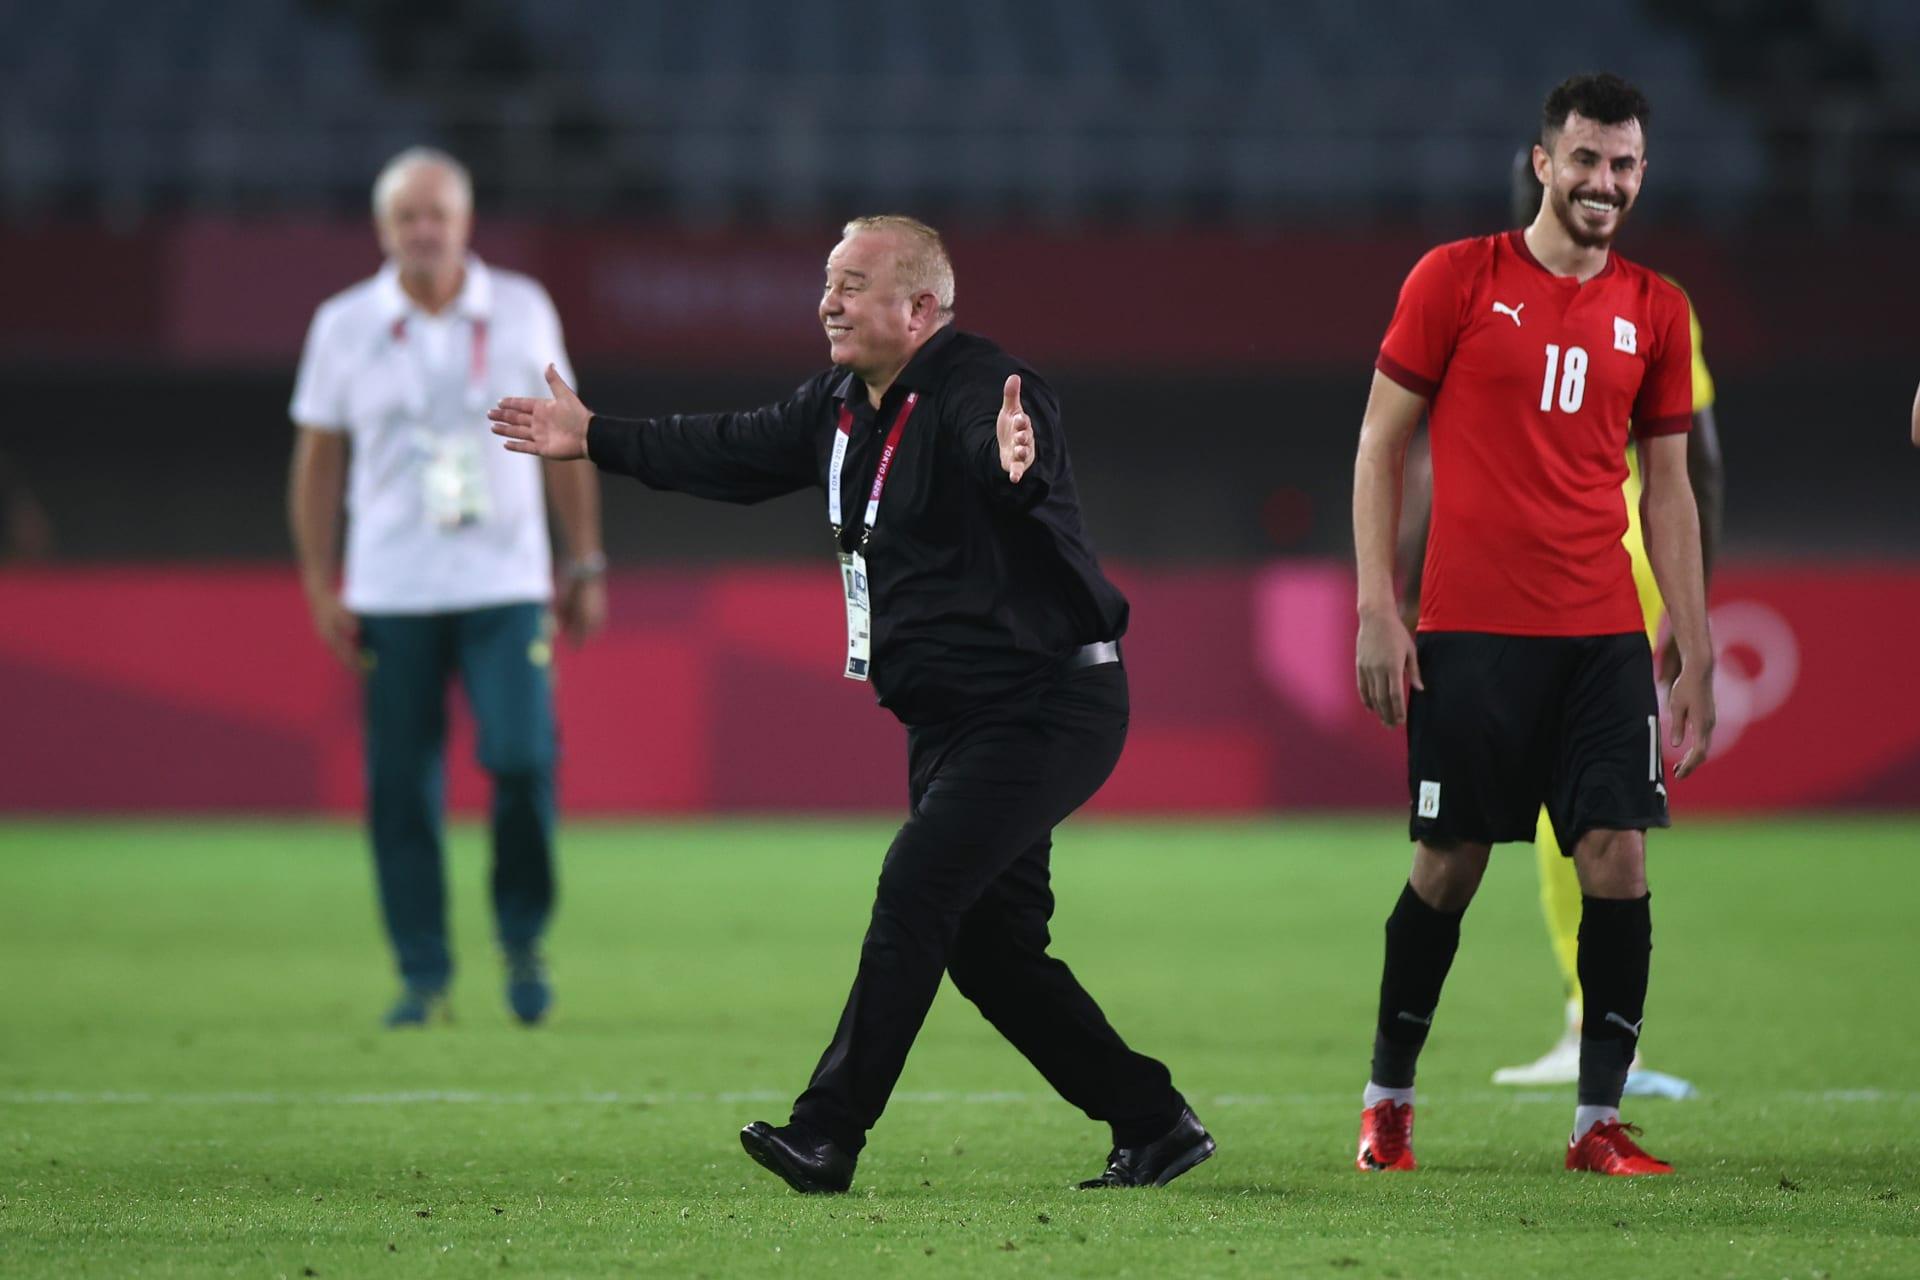 تحذير في وقته.. فيديو متداول يكشف ما قاله شوقي غريب للاعبي منتخب مصر قبل تسجيل الهدف الثاني